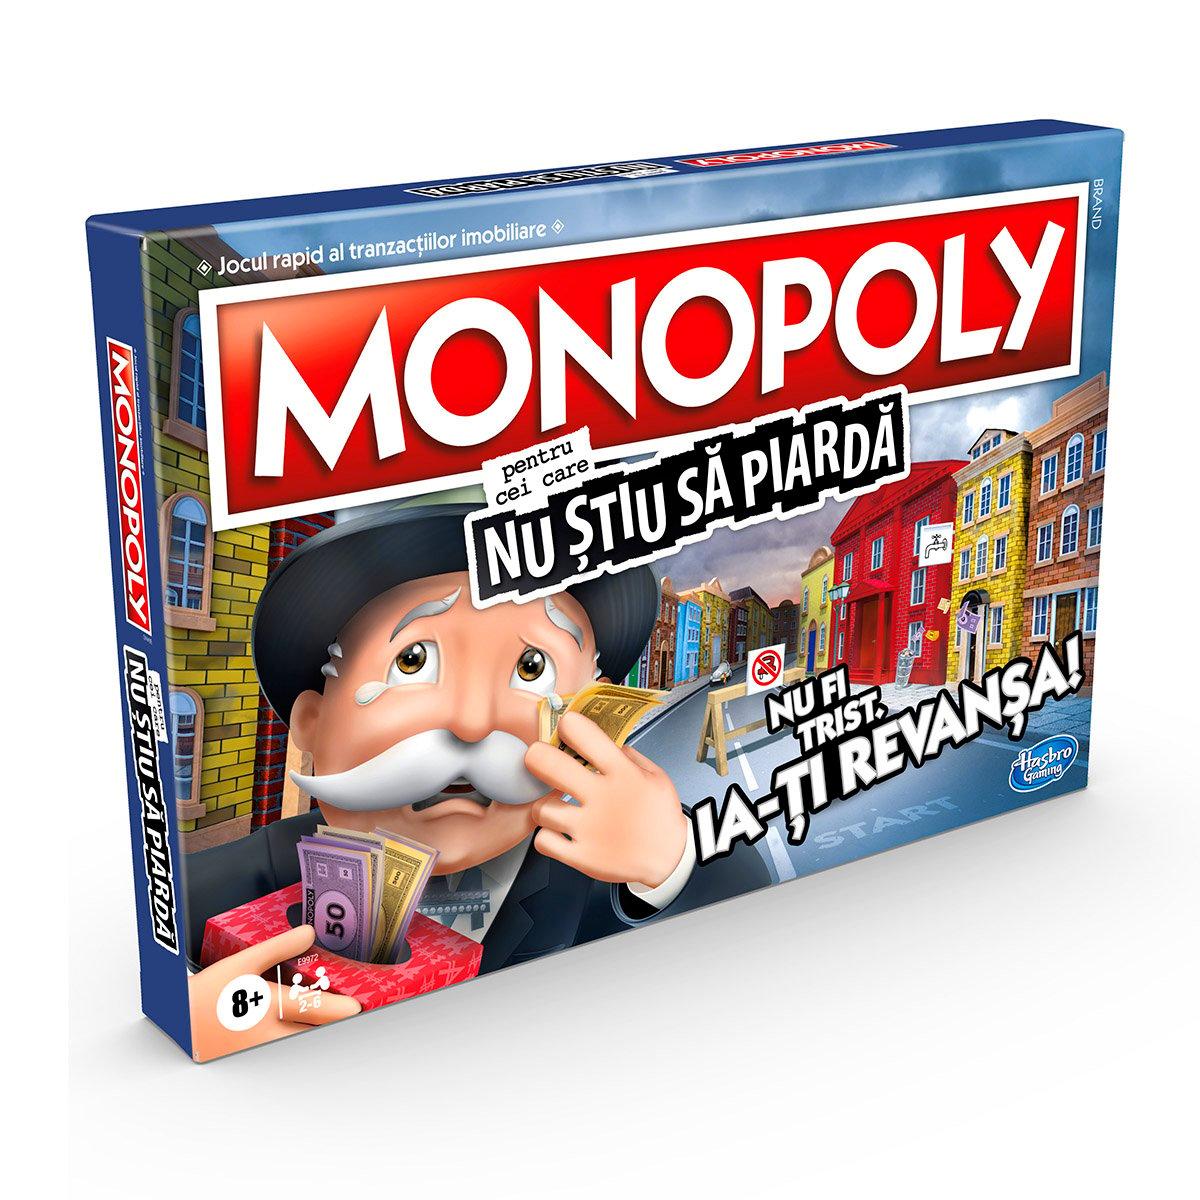 Joc Monopoly pentru cei care nu stiu sa piarda